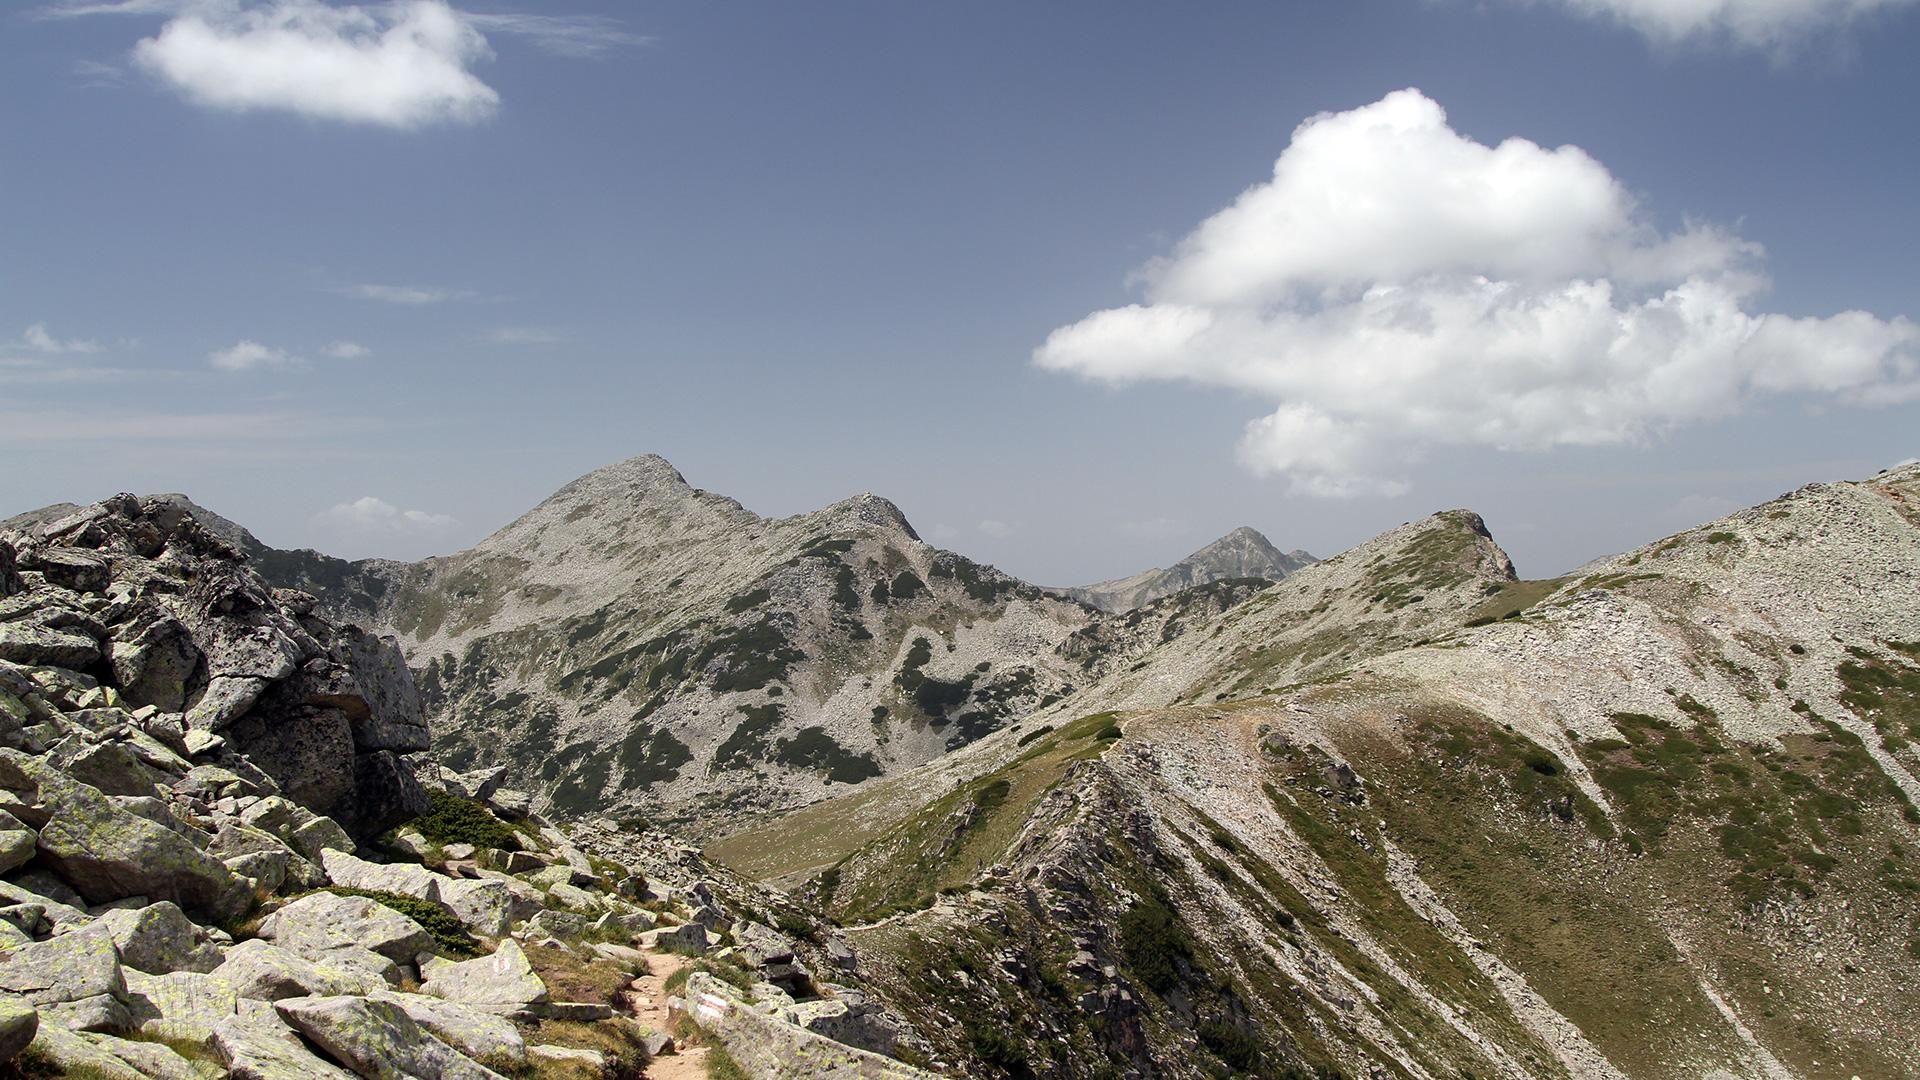 За Пирин – Централното било към връх Възела 2 660 м